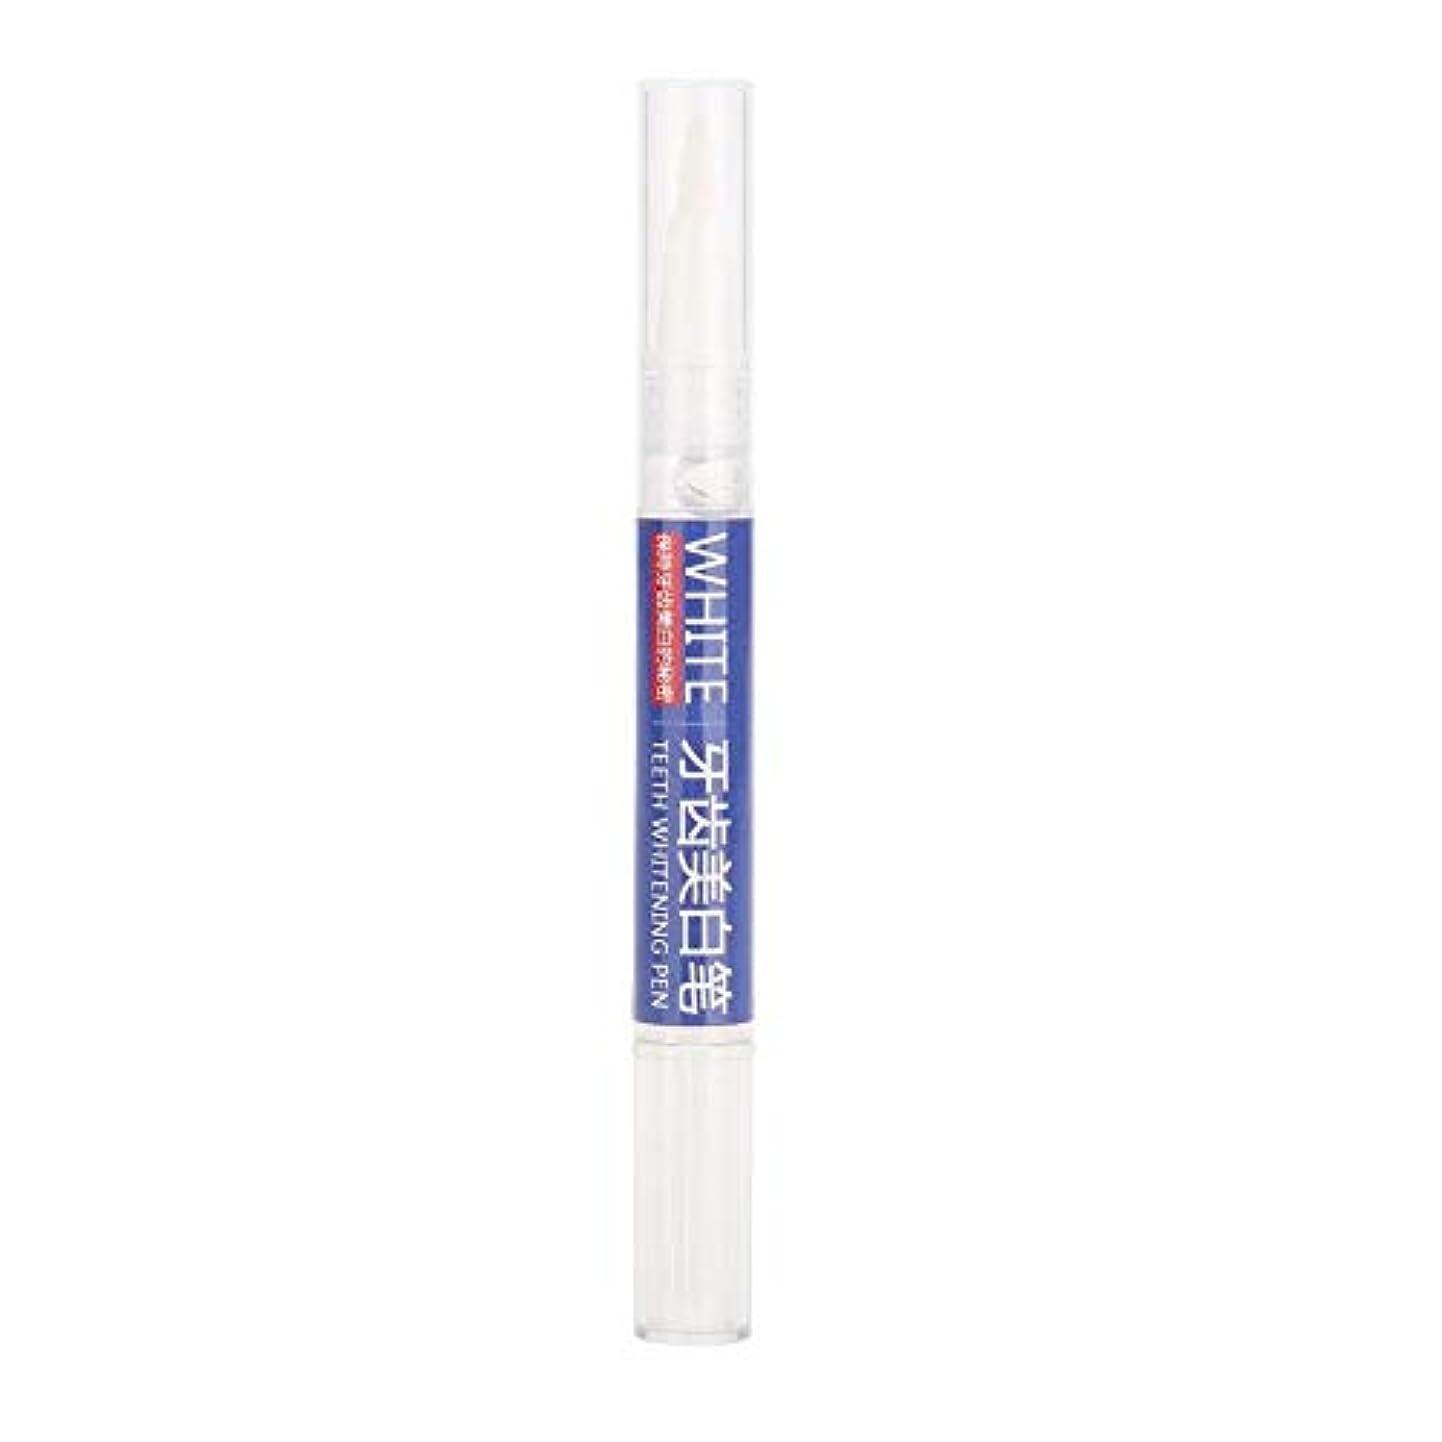 添加剤勇敢なトレイホワイトニングトゥースペン3mlイエロートゥースシガレット汚れ除去ホワイトニングホワイトニングトゥースジェルペン